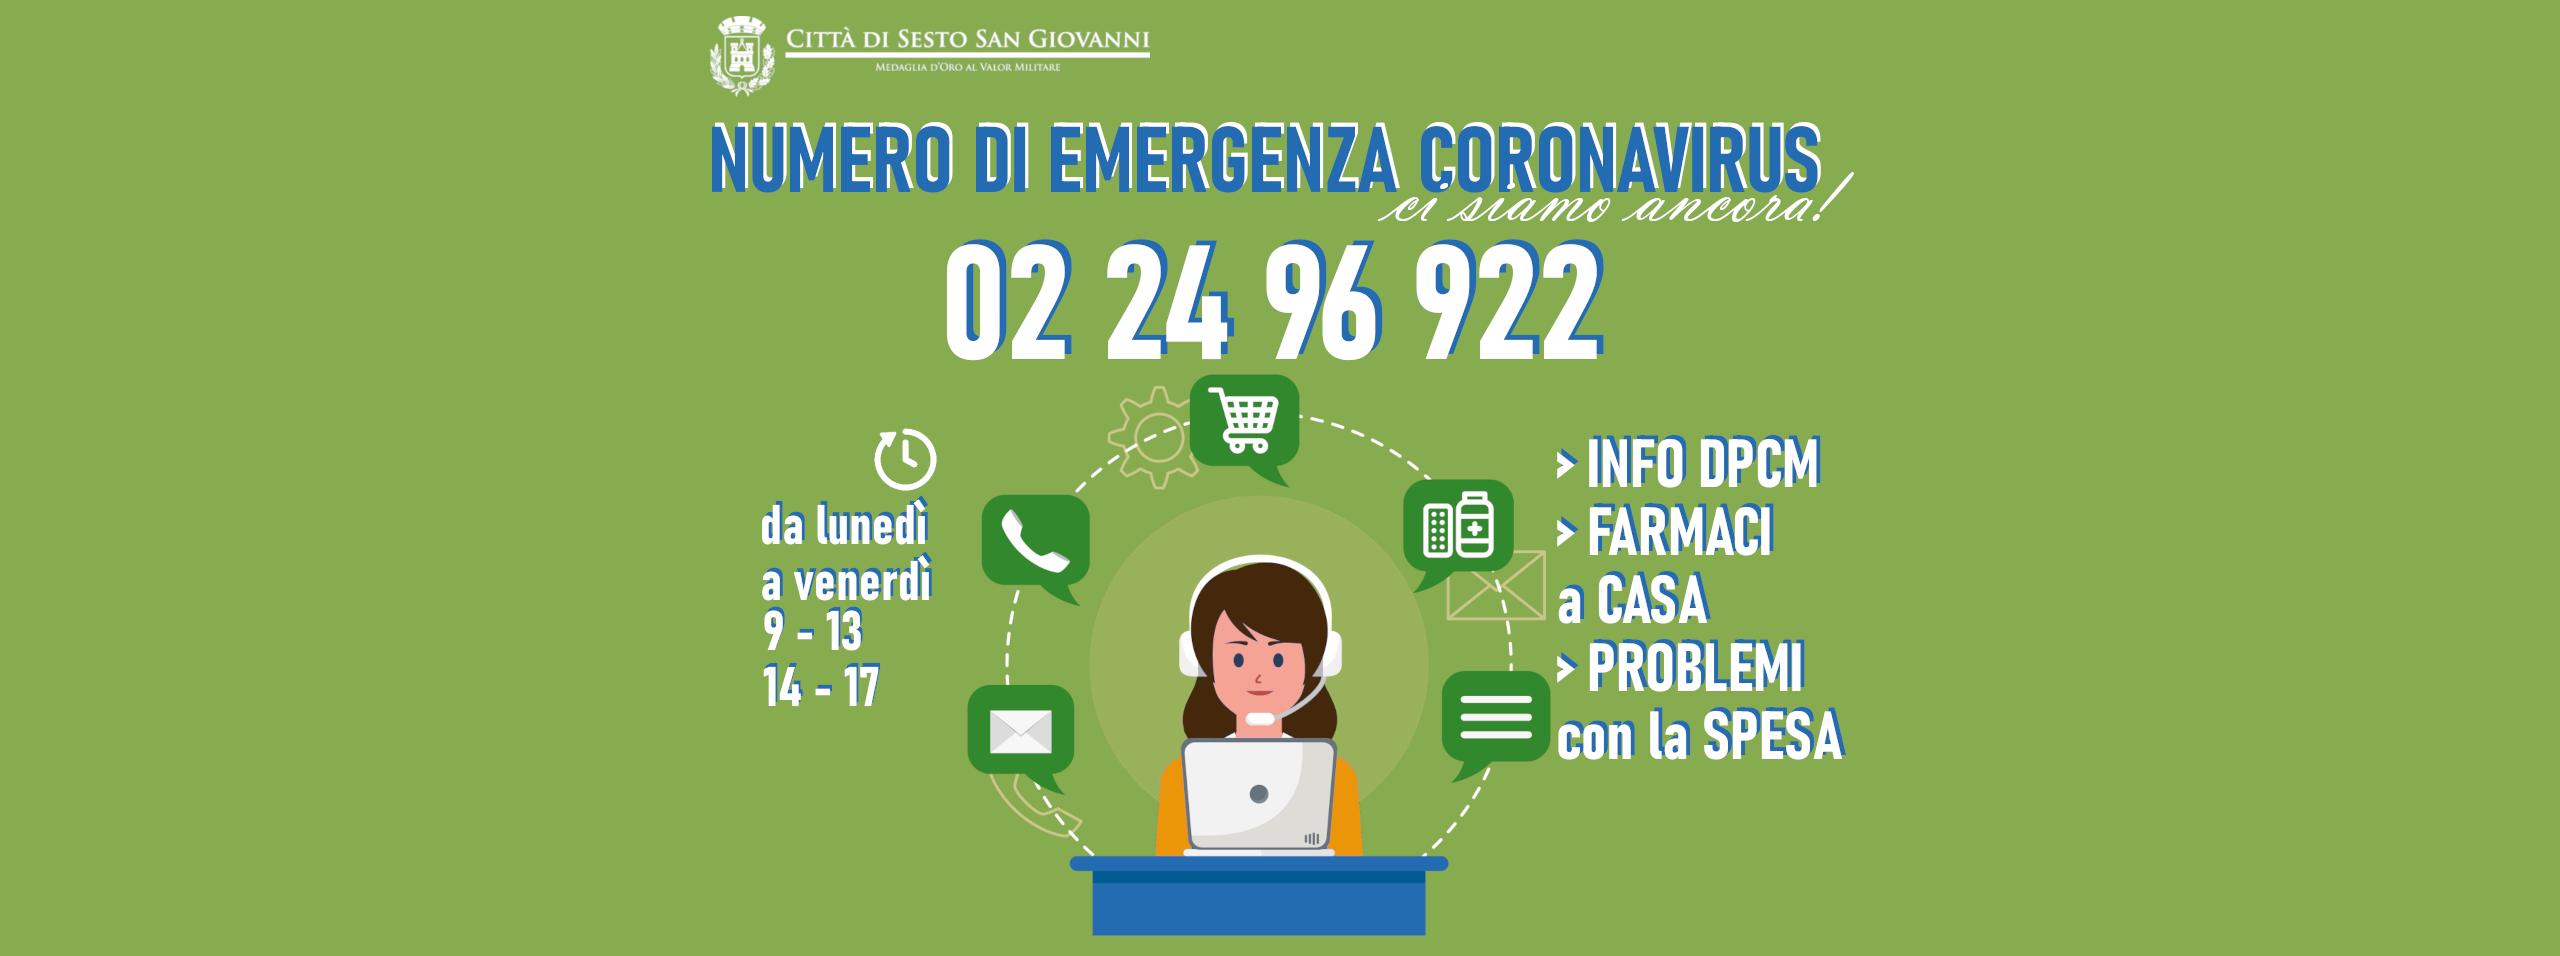 locandina numero emergenza coronavirus 022496922